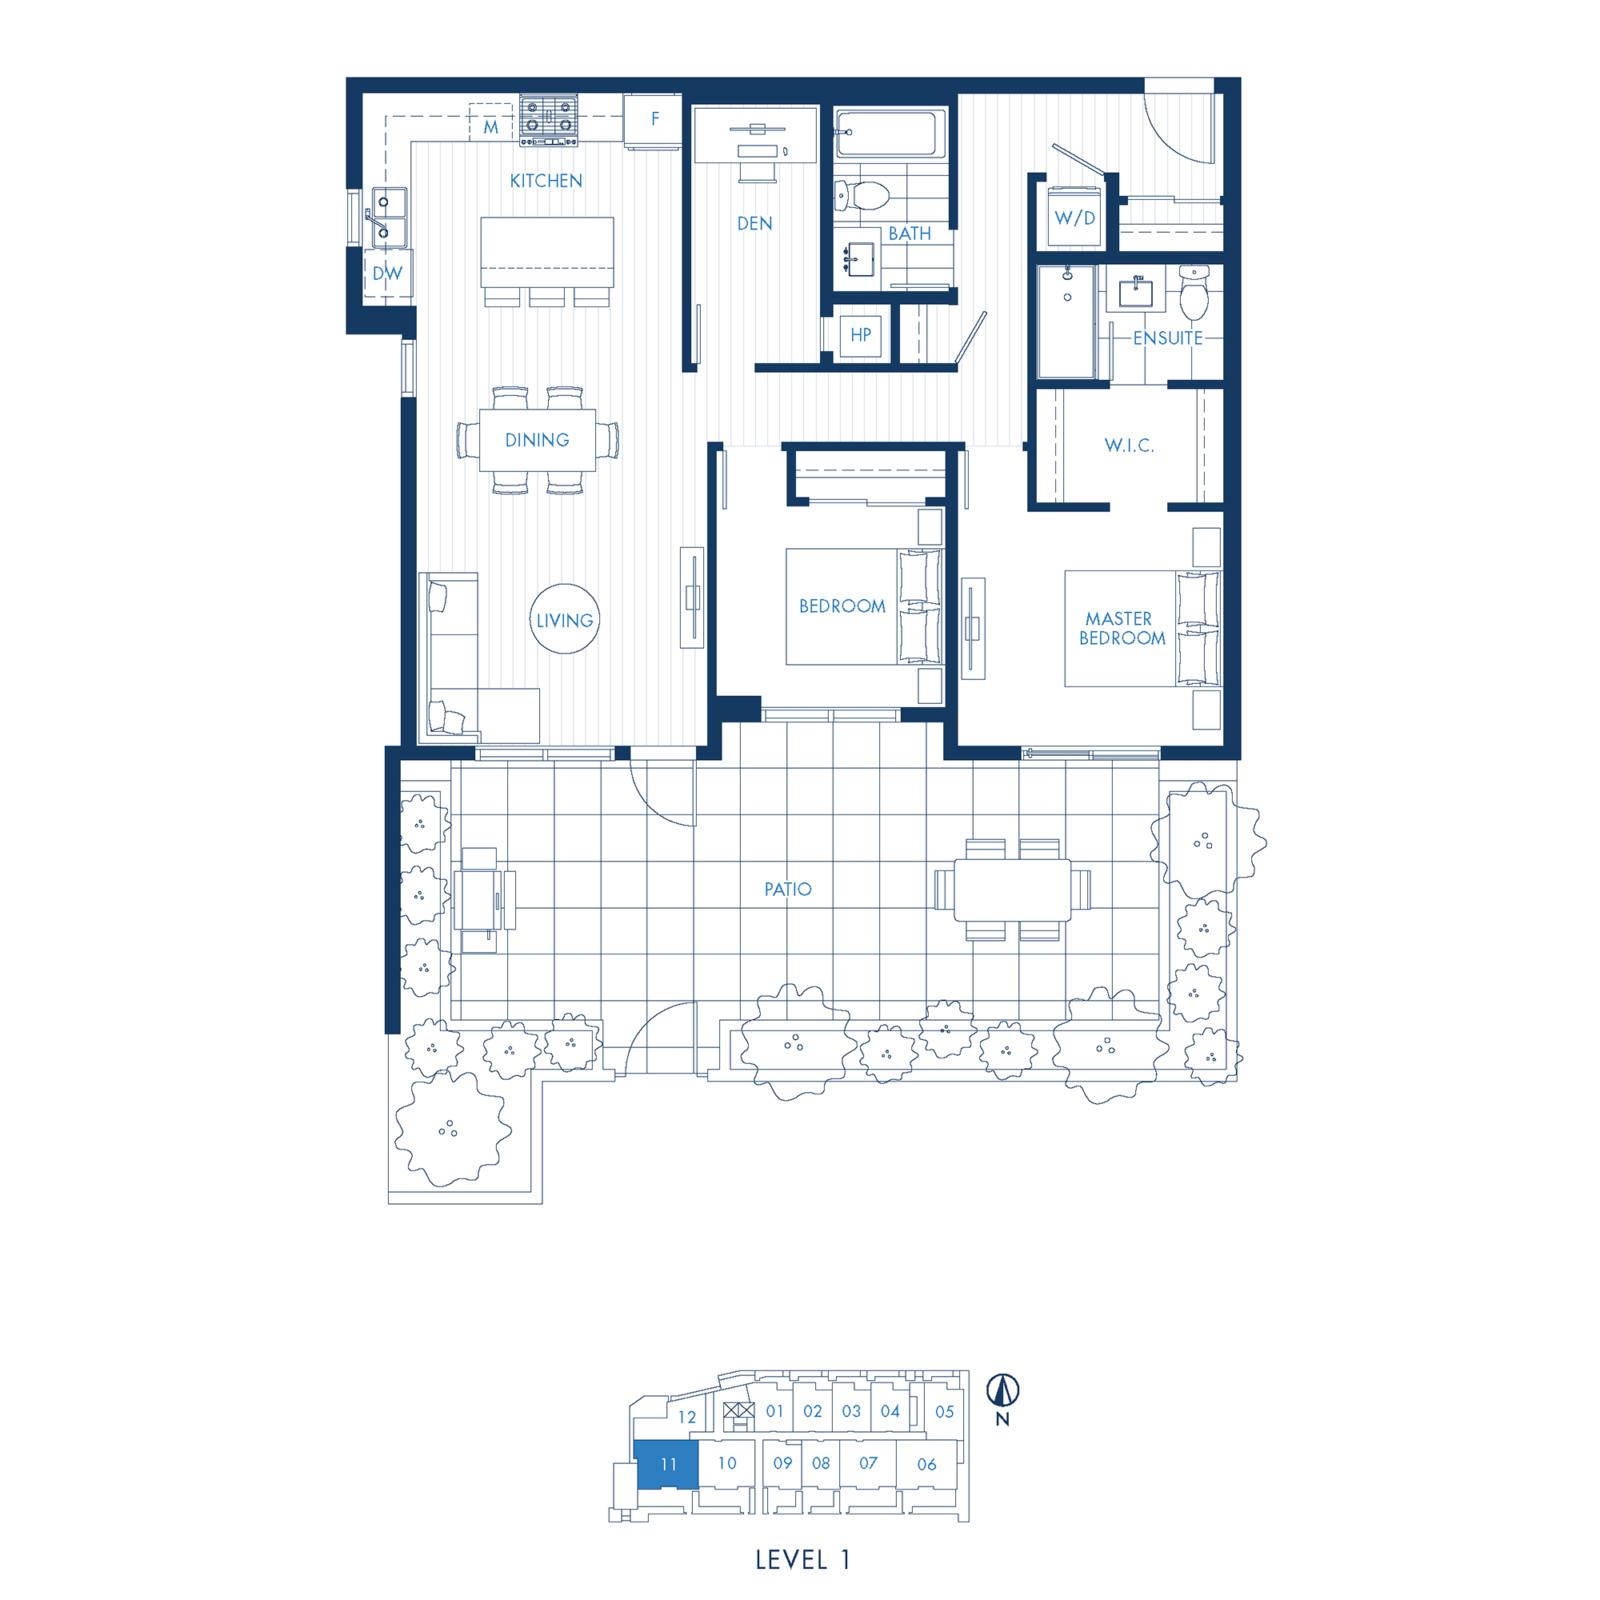 North Building Plan E